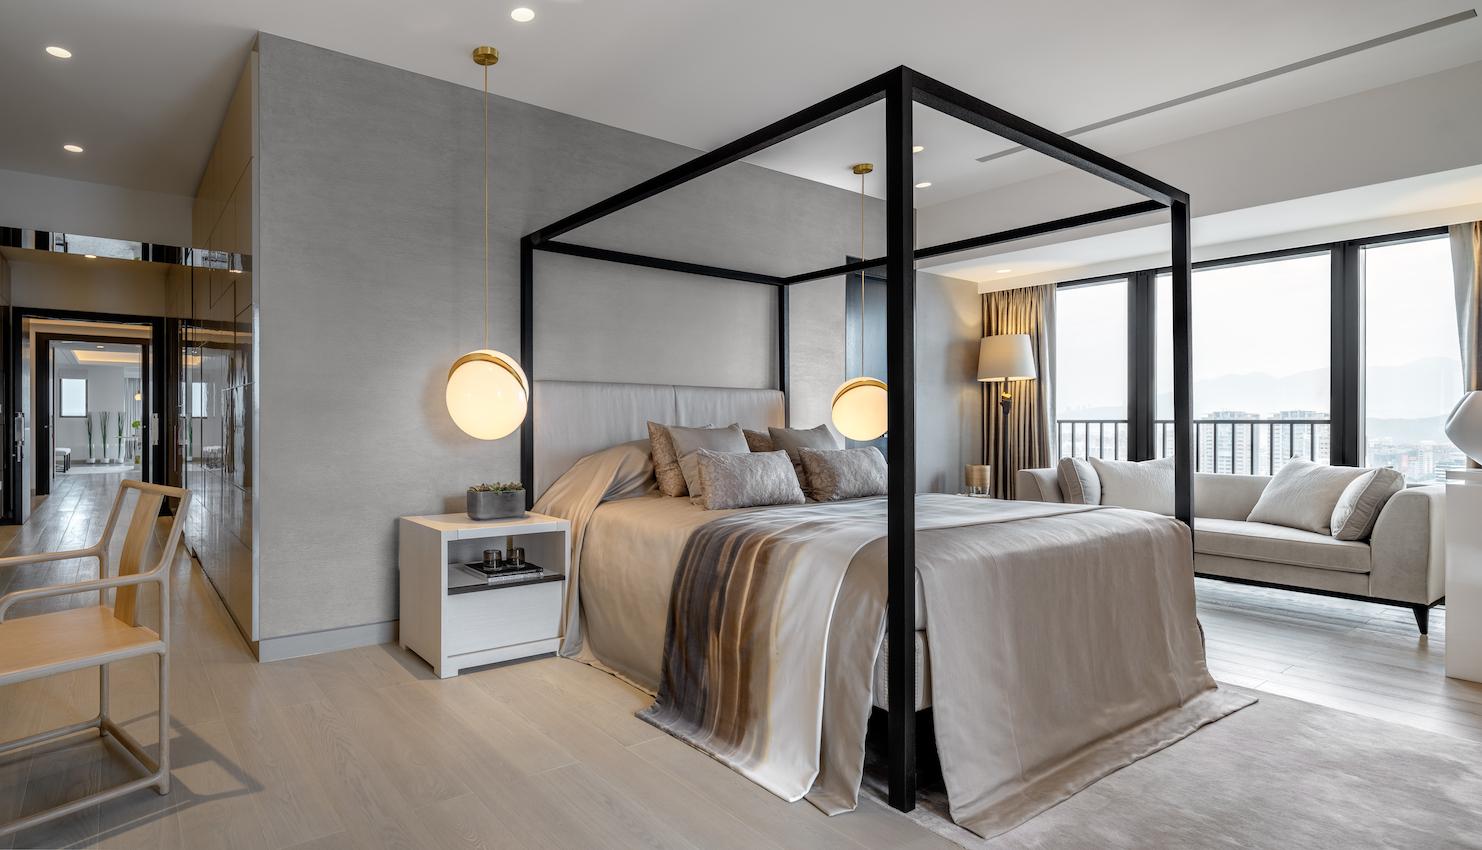 1571999940 343 serene livable luxury is the focus of taipei residential towers - Serene, Livable Luxury is the Focus of Taipei Residential Towers